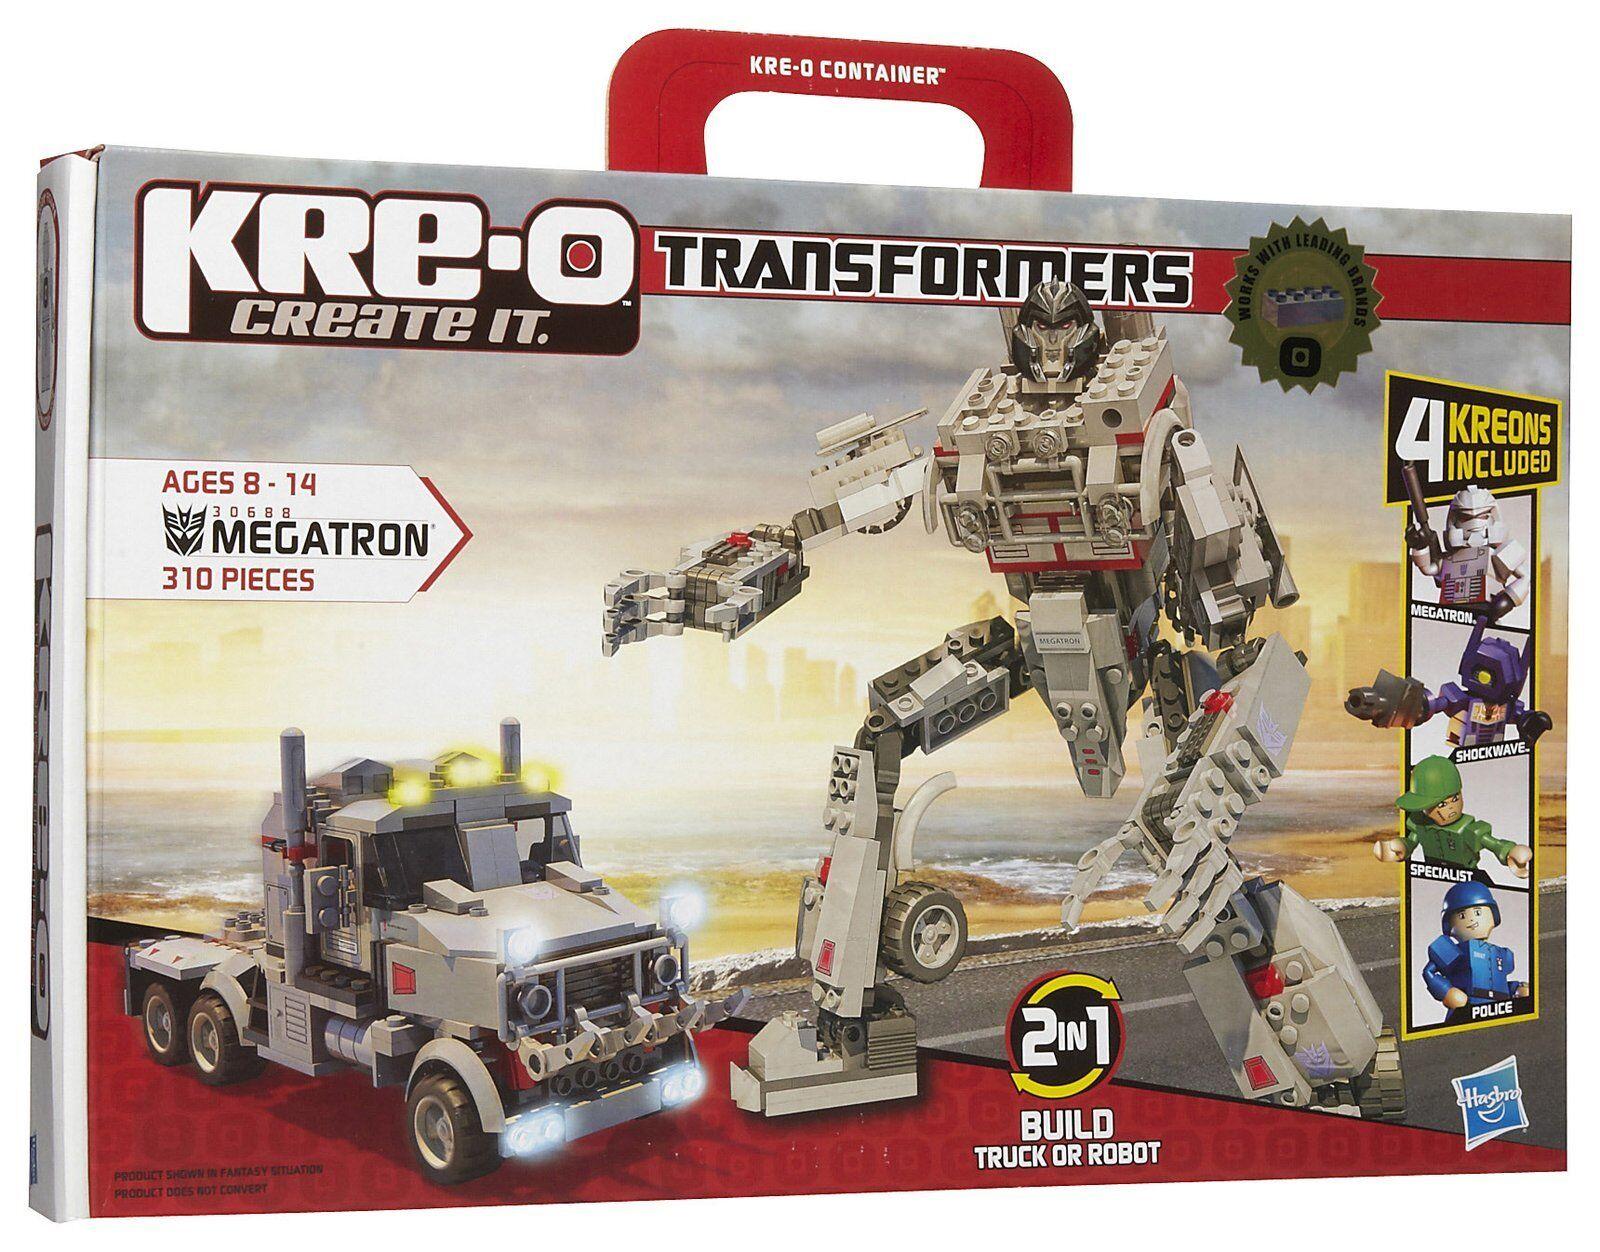 Nueva Hasbro Kre-o Transformers Megatron edificio Set 30688 Con 4 Kreon cifras